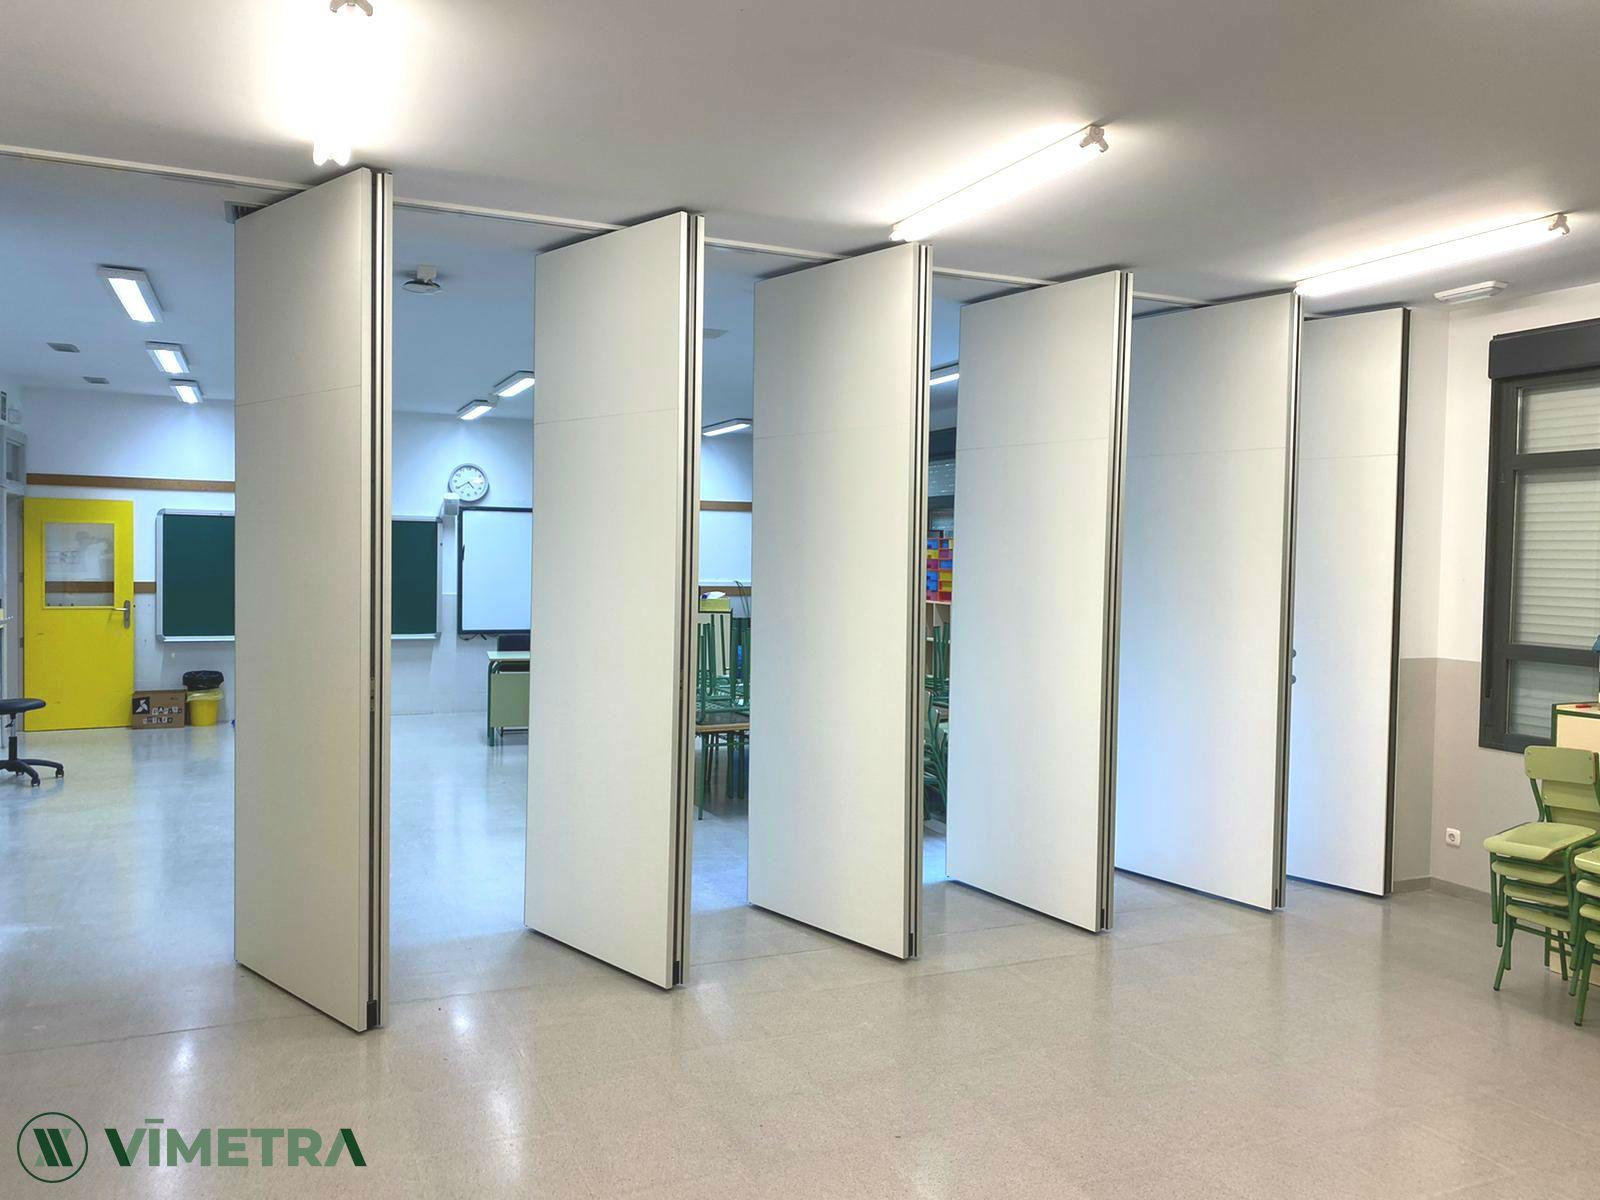 El fabricante de tabiques móviles Vimetra experimenta un aumento de la demanda del 100% por la vuelta al cole